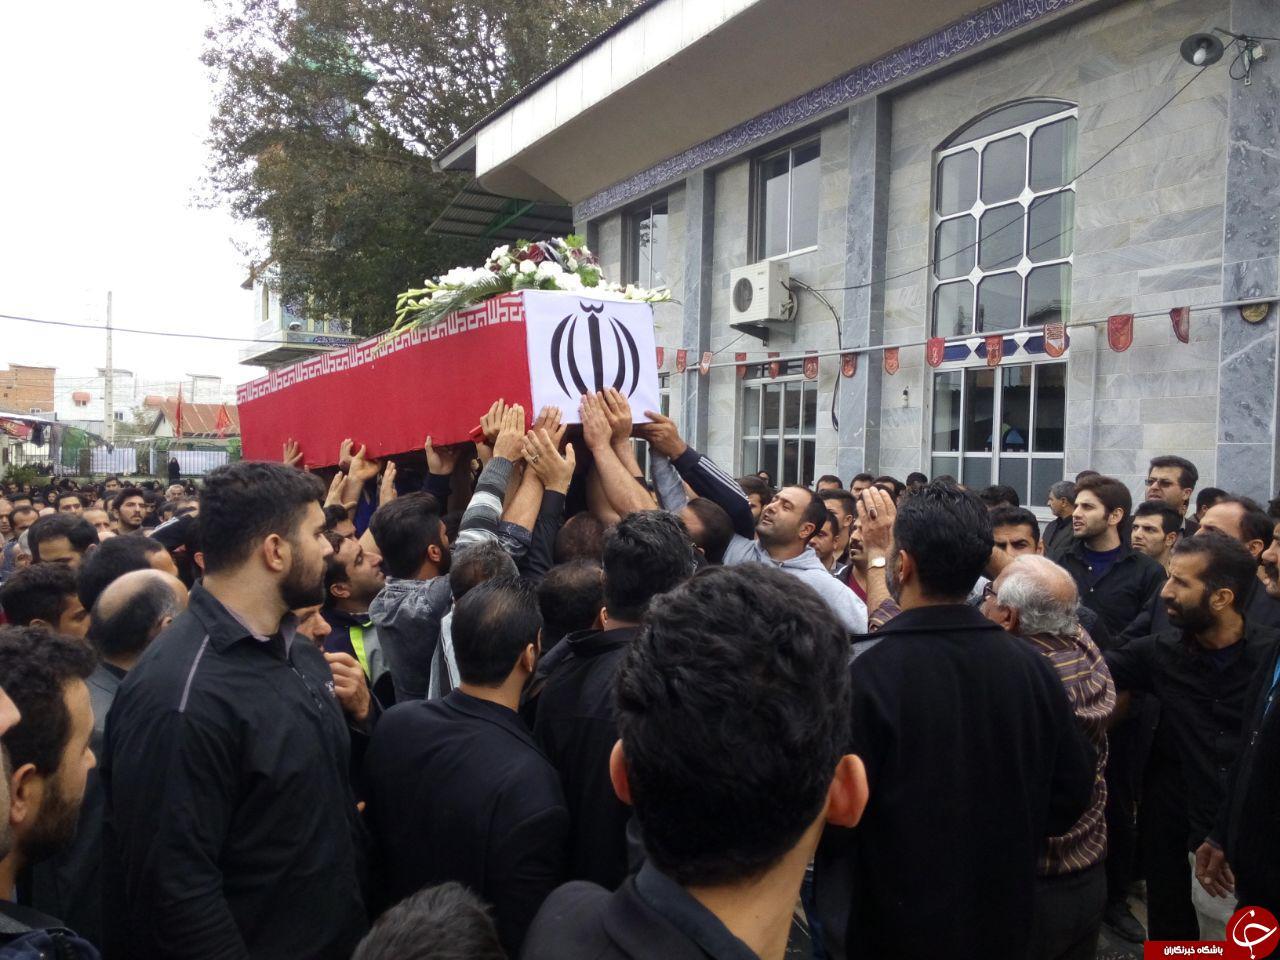 تشییع جنازه سید حمید صفی نژاد | خاکسپاری قهرمان MMA در بابل | عکس